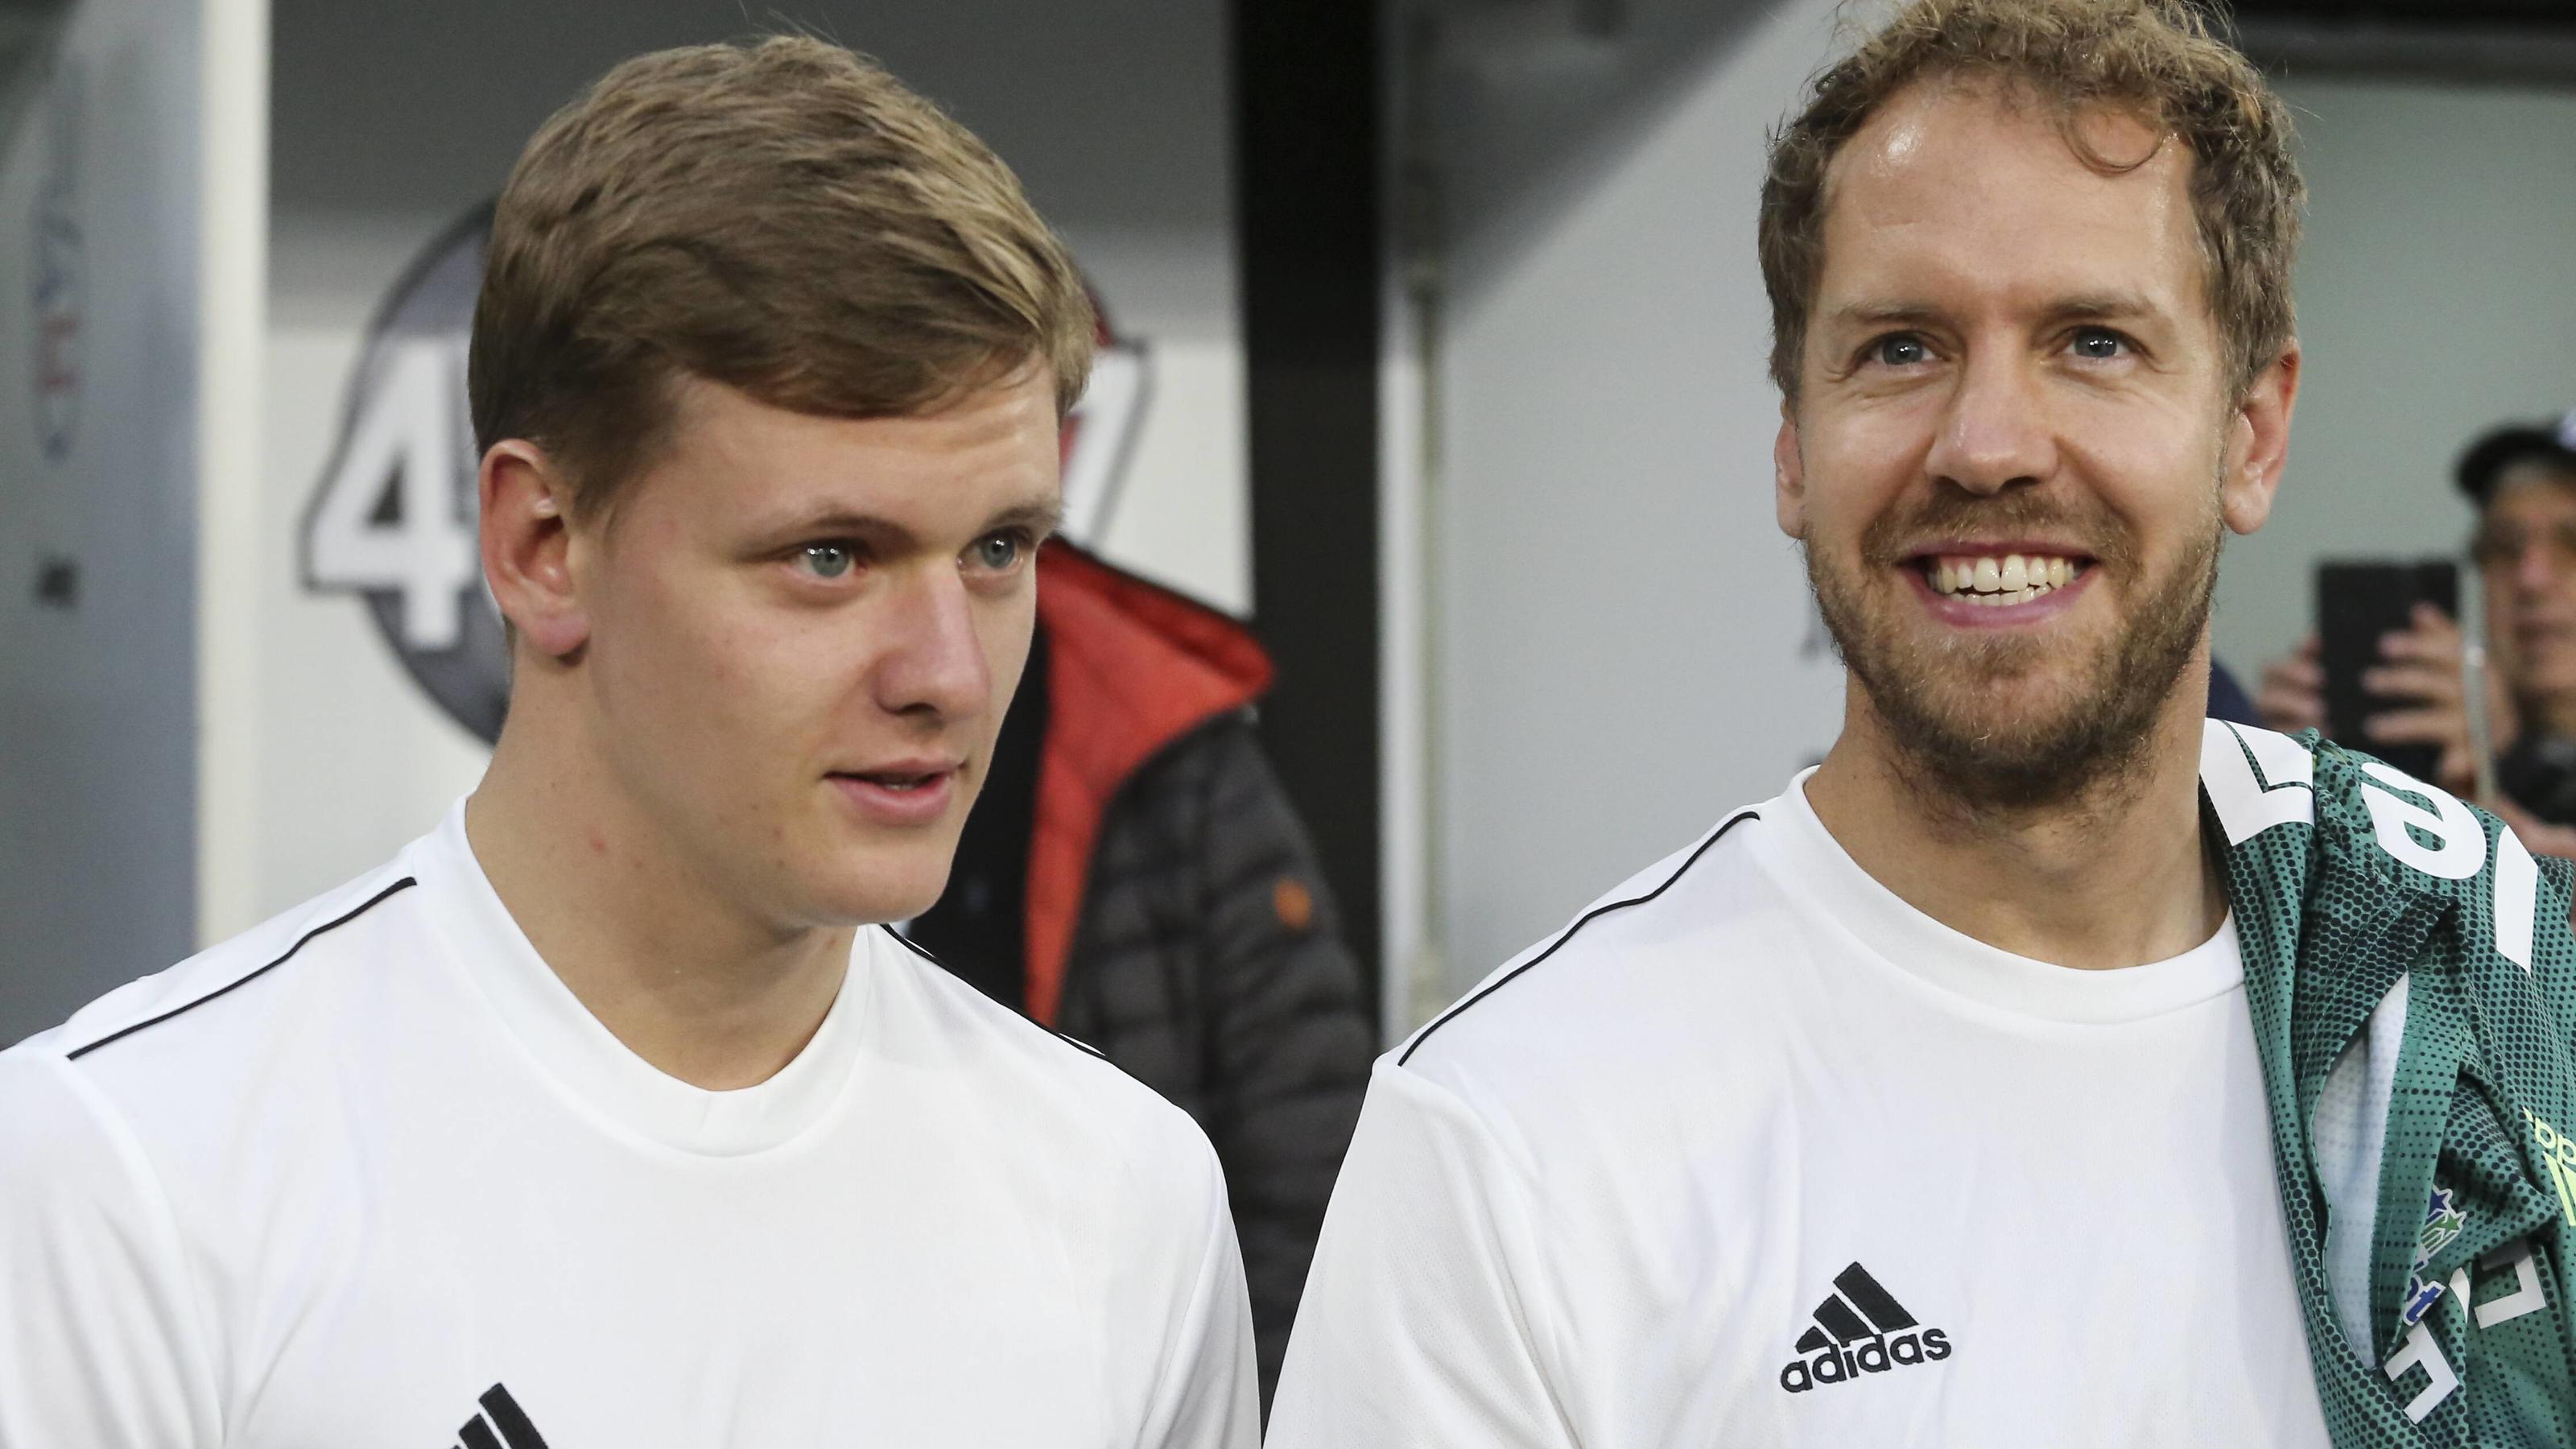 """Formel 1 - Mick Schumacher: Freundschaft mit Sebastian Vettel """"sehr wichtig für mich"""""""